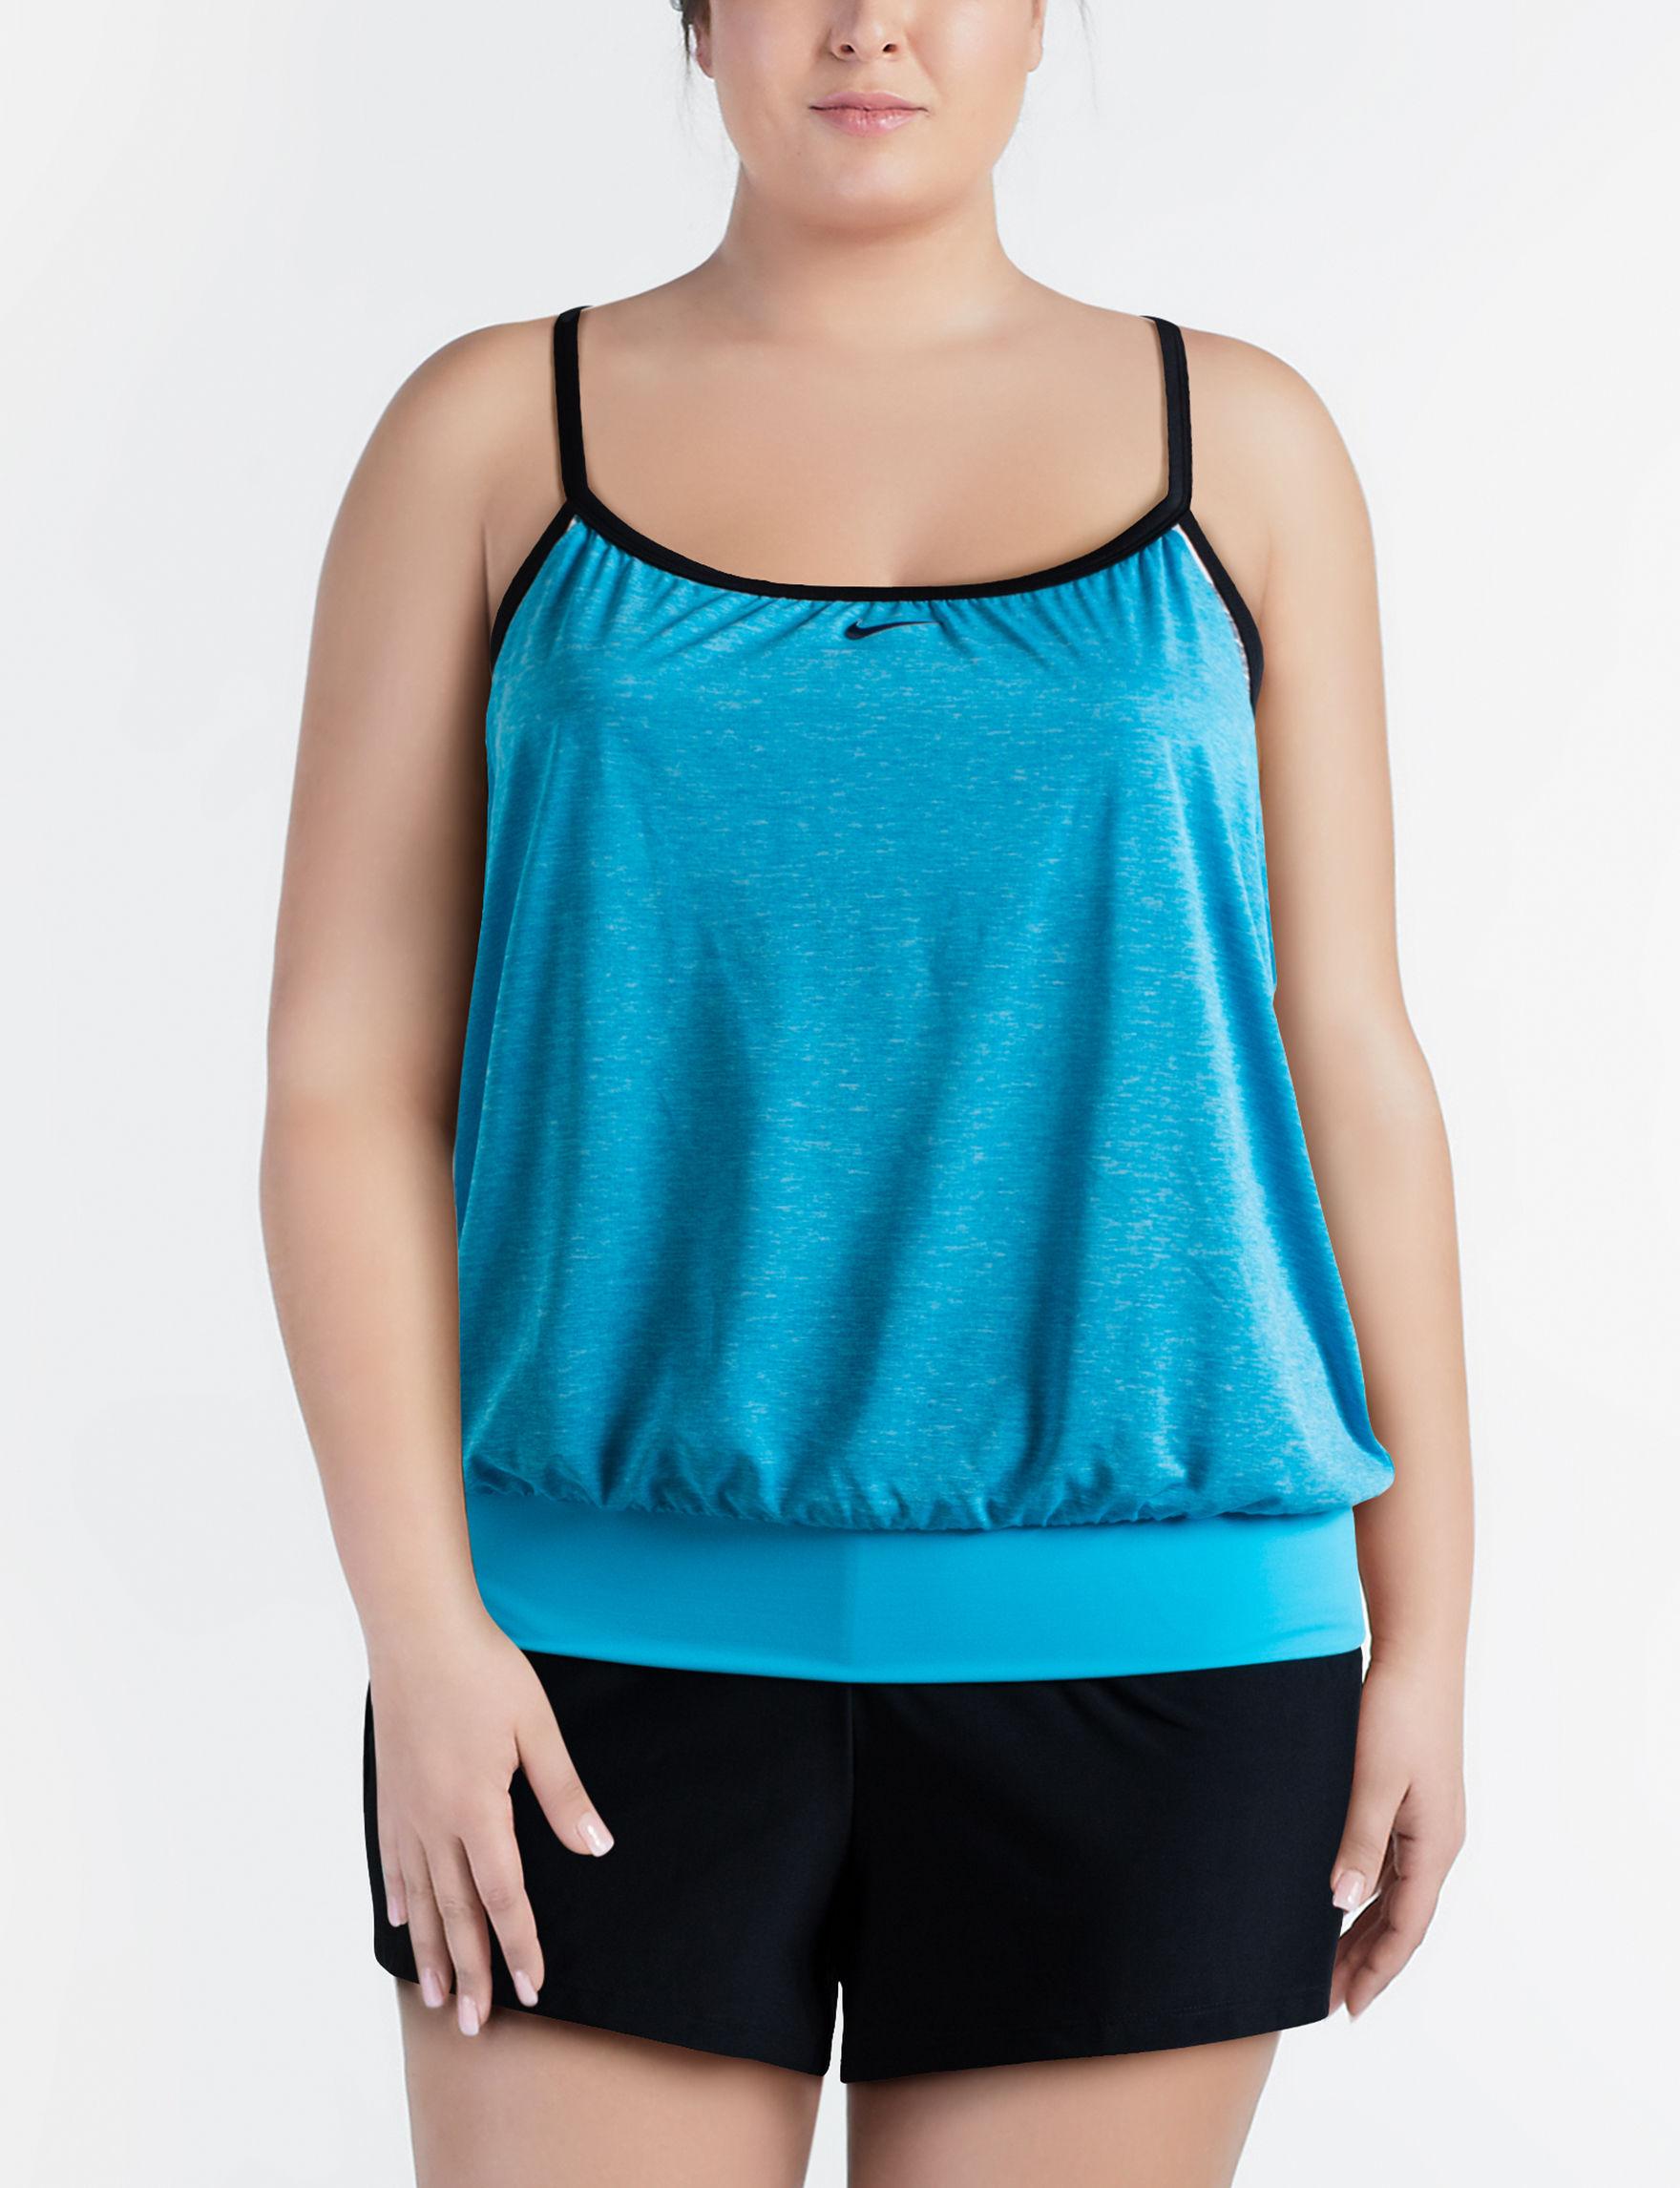 Nike Blue Swimsuit Tops Tankini